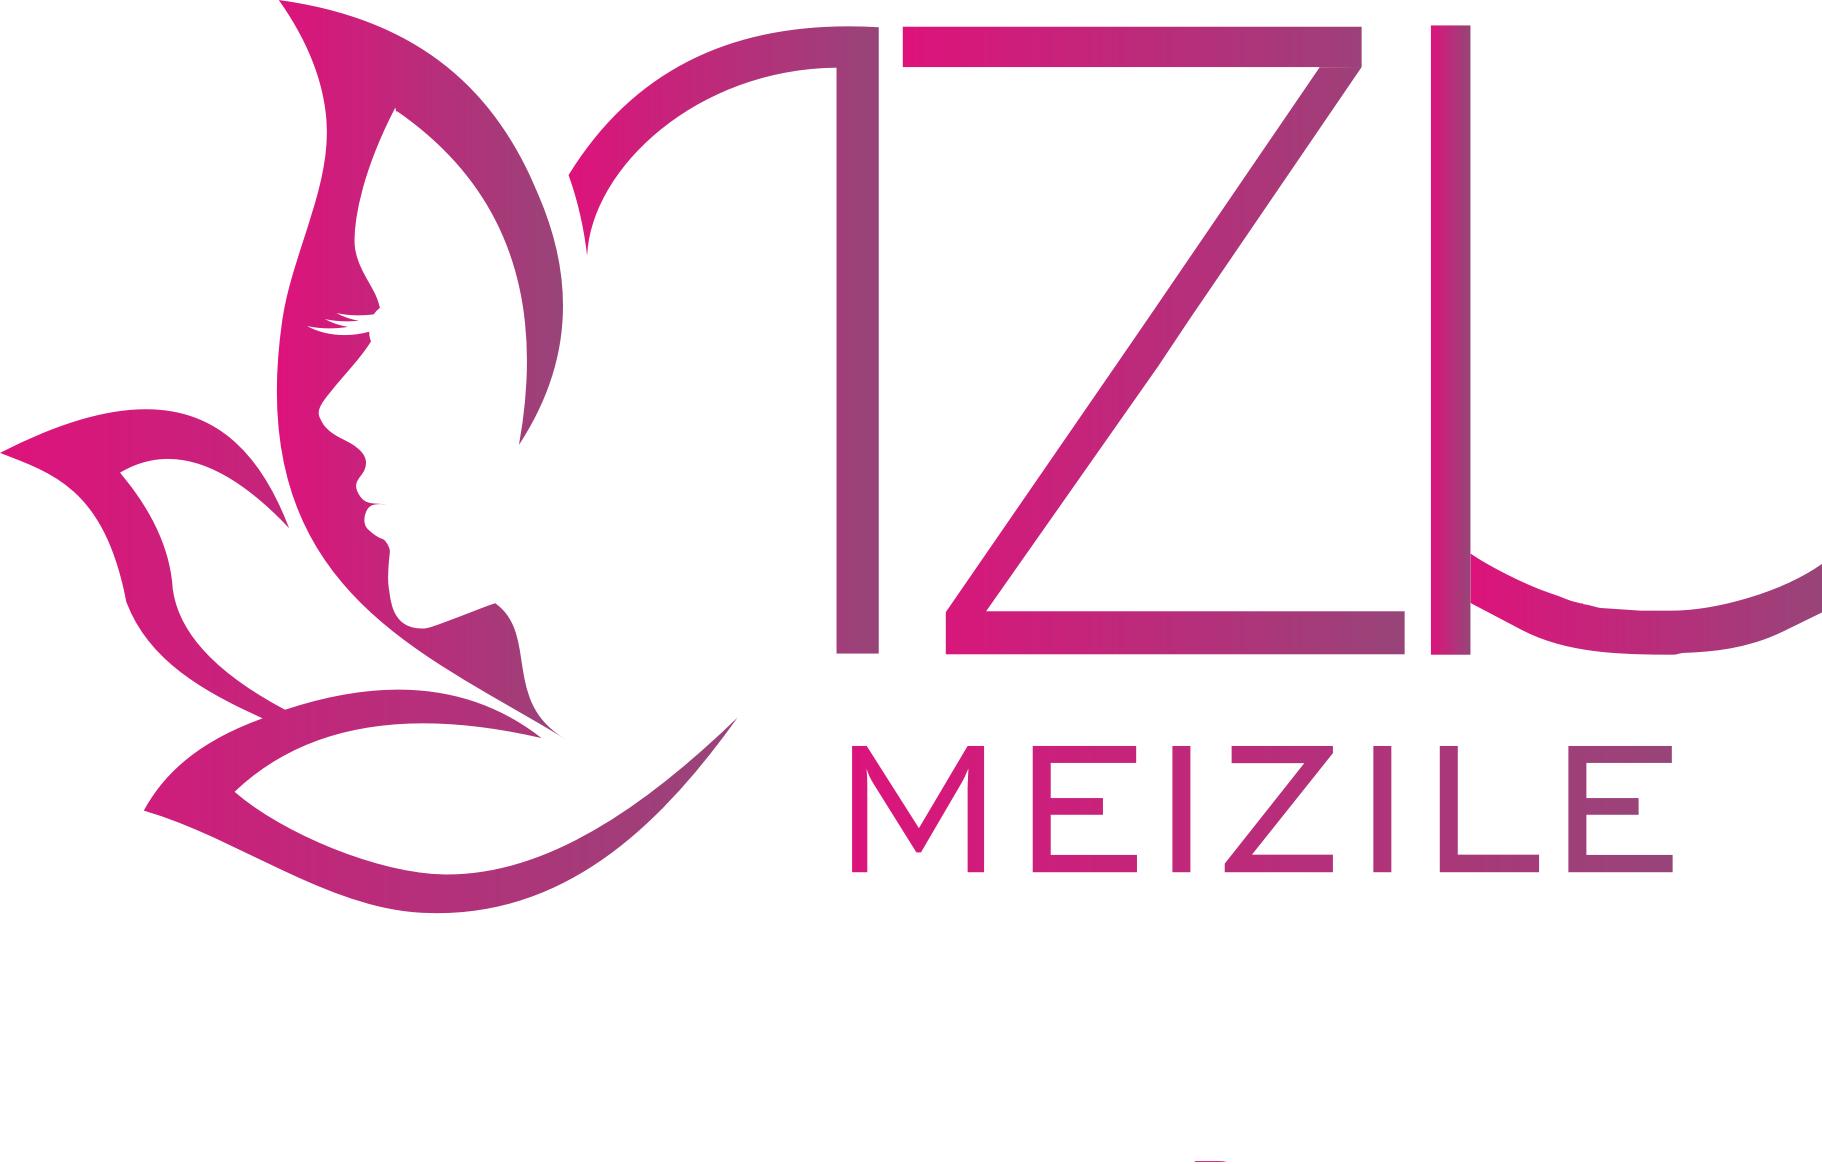 beautymzl